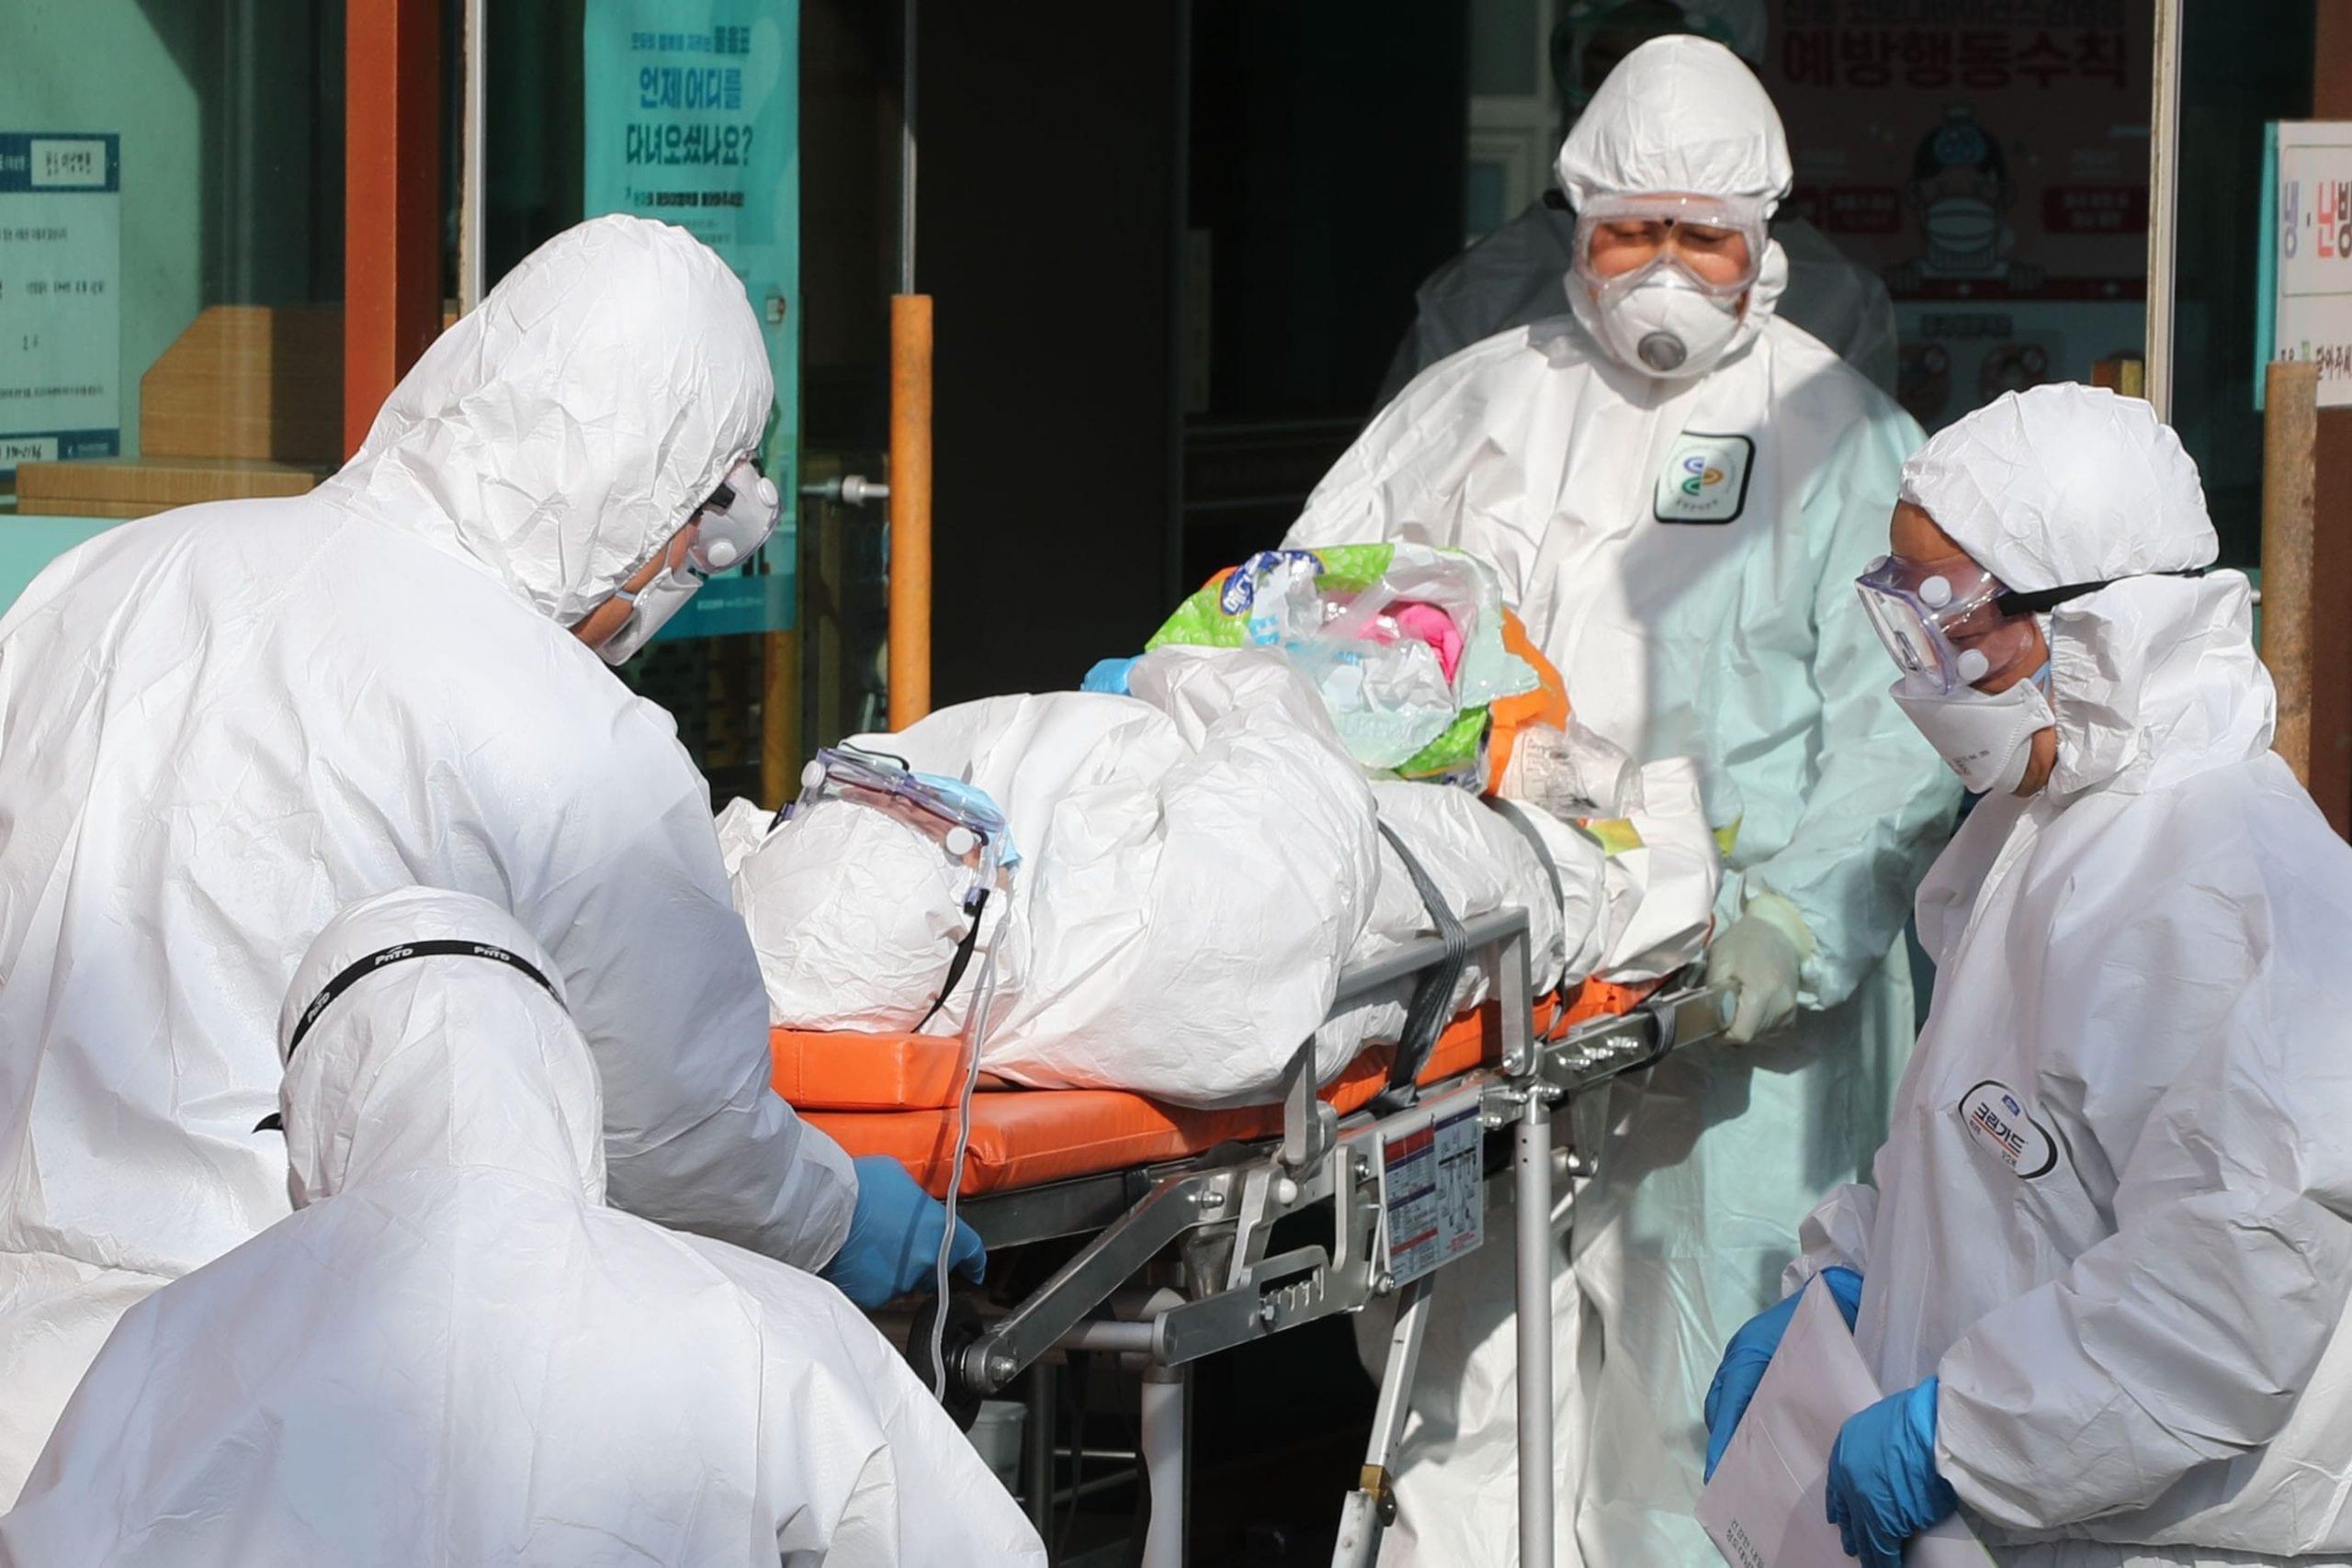 En el mundo, ya se superaron las 100 mil muertes por coronavirus, siendo New York el lugar más afectado, con cifras mayores a las de muchos países.